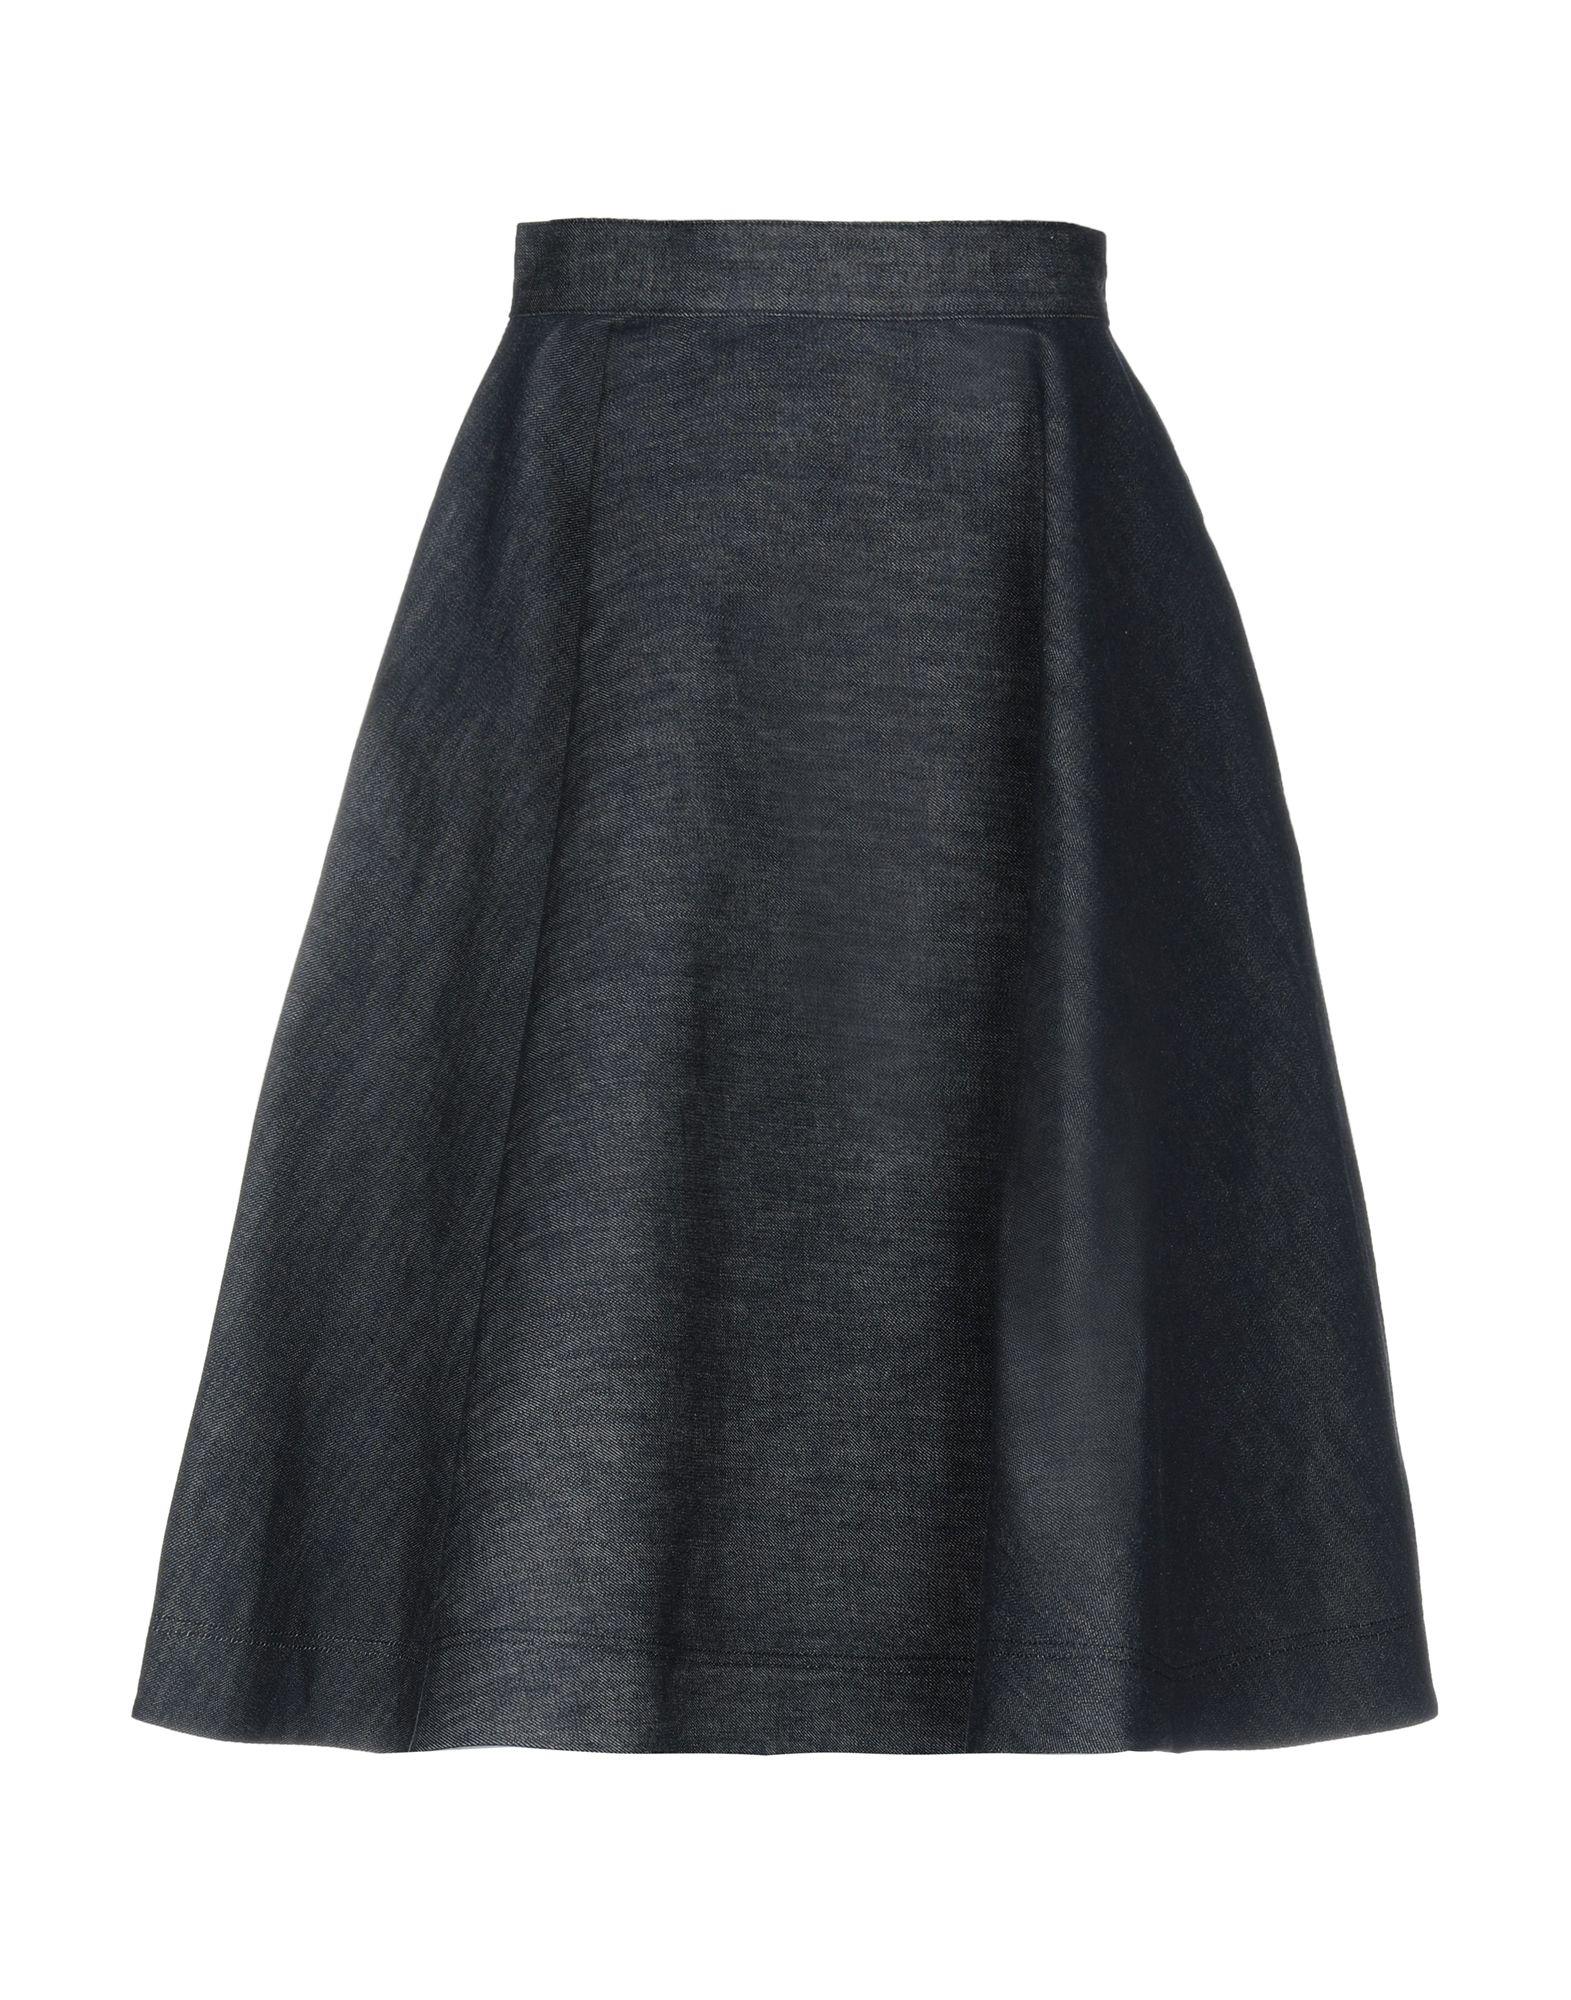 《送料無料》CALVIN KLEIN 205W39NYC レディース デニムスカート ブルー 38 コットン 100%